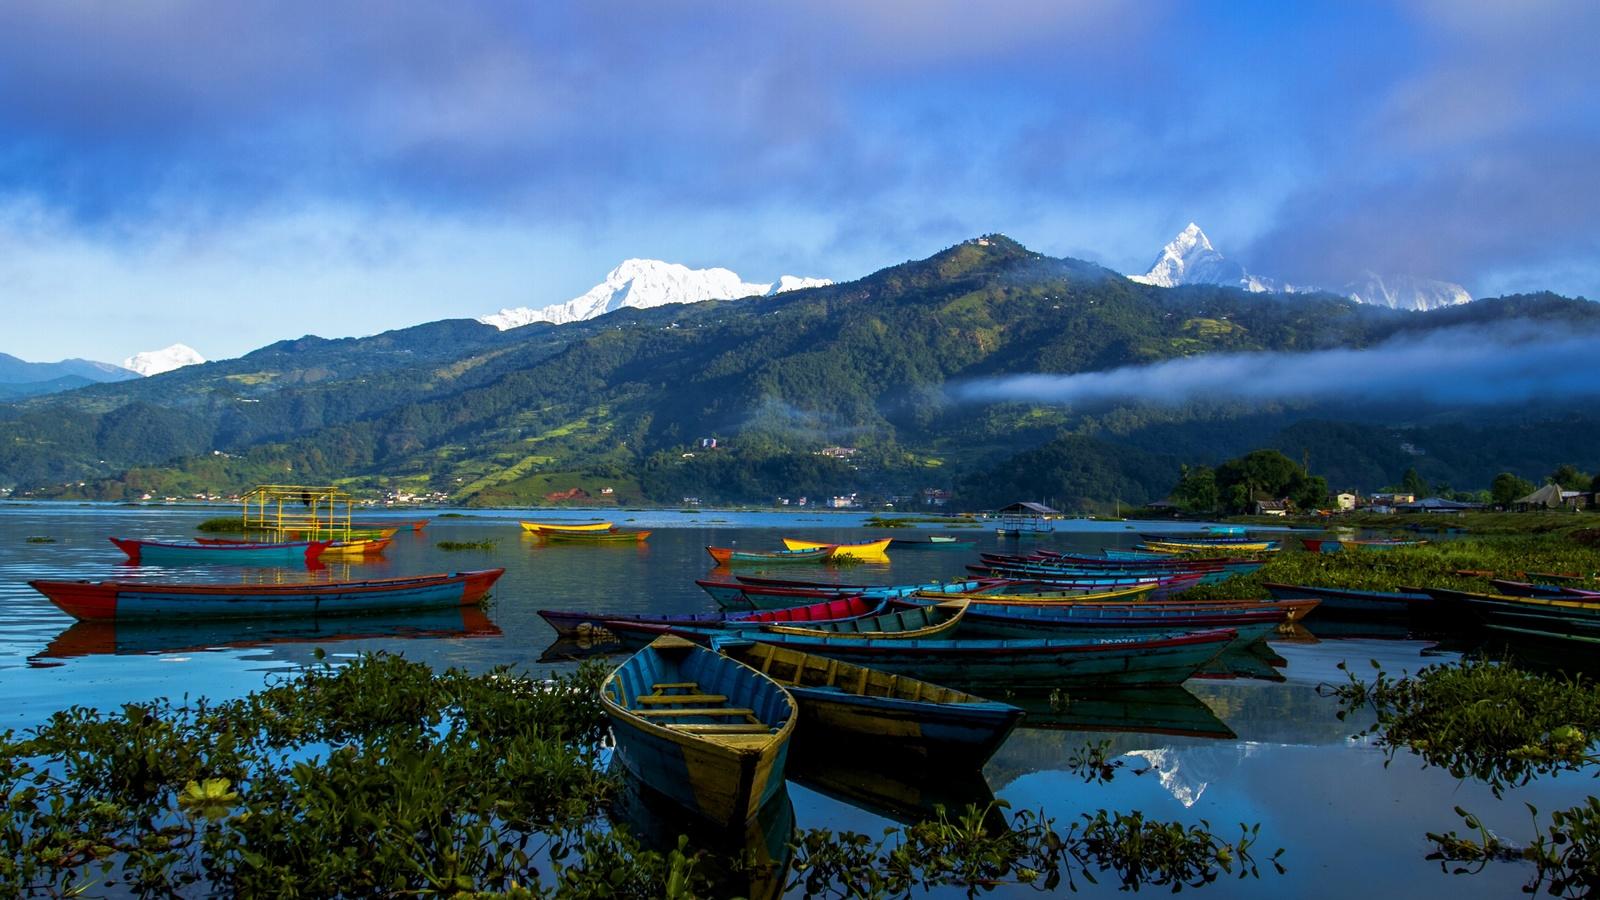 непал, горы, река, лодки